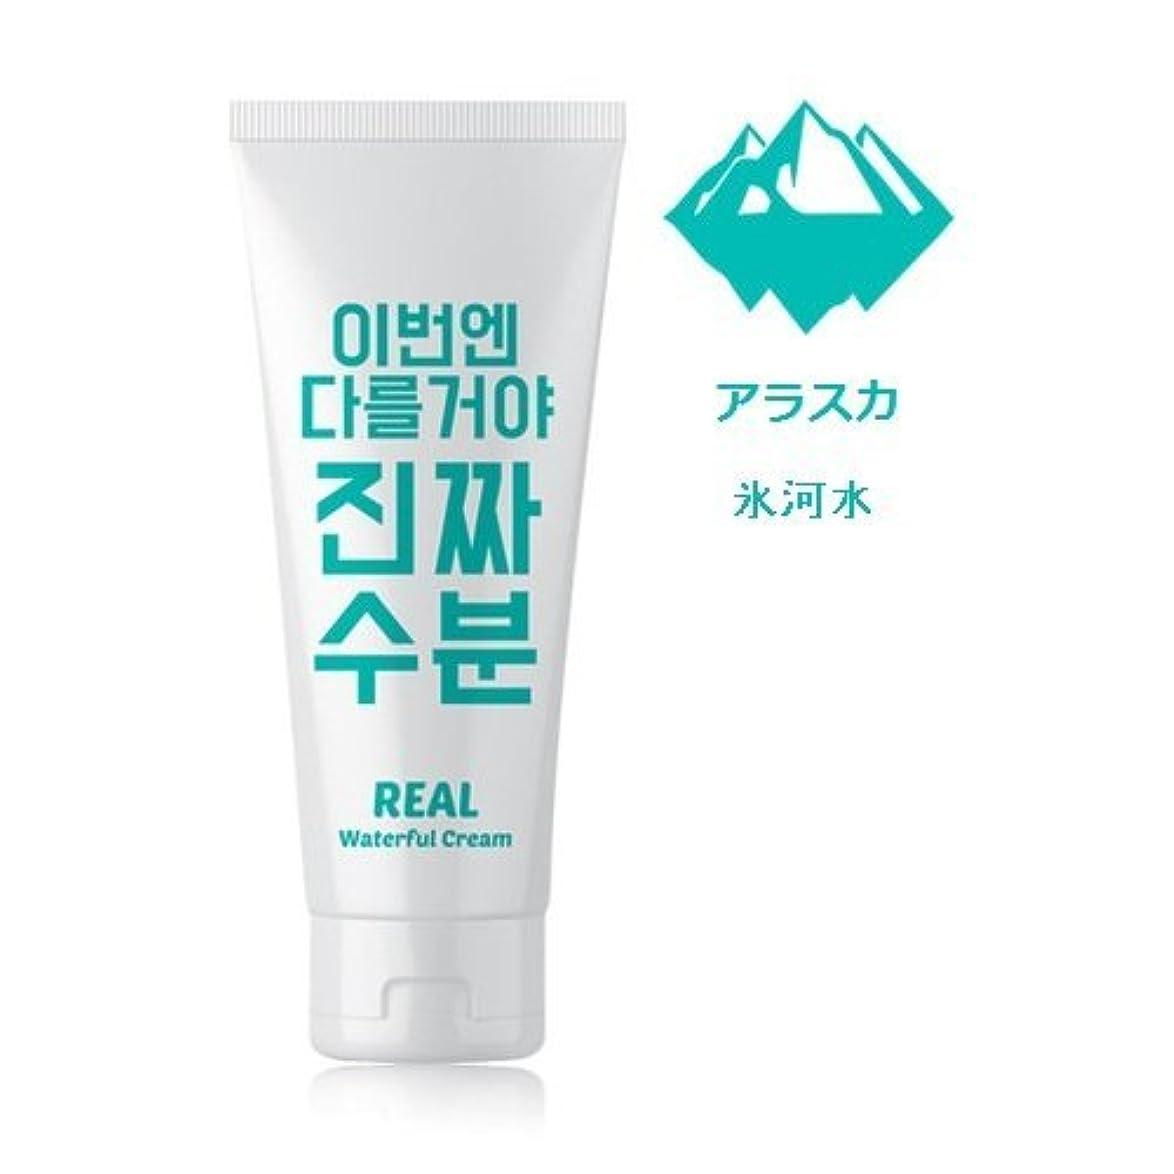 ベンチャー書くいたずら[1+1]Jaminkyung [FREE MARK] Real Waterful Cream 200g*2EA ジャミンギョン[フリーマーク]今度は違うぞ!! 本当の水分クリーム [並行輸入品]